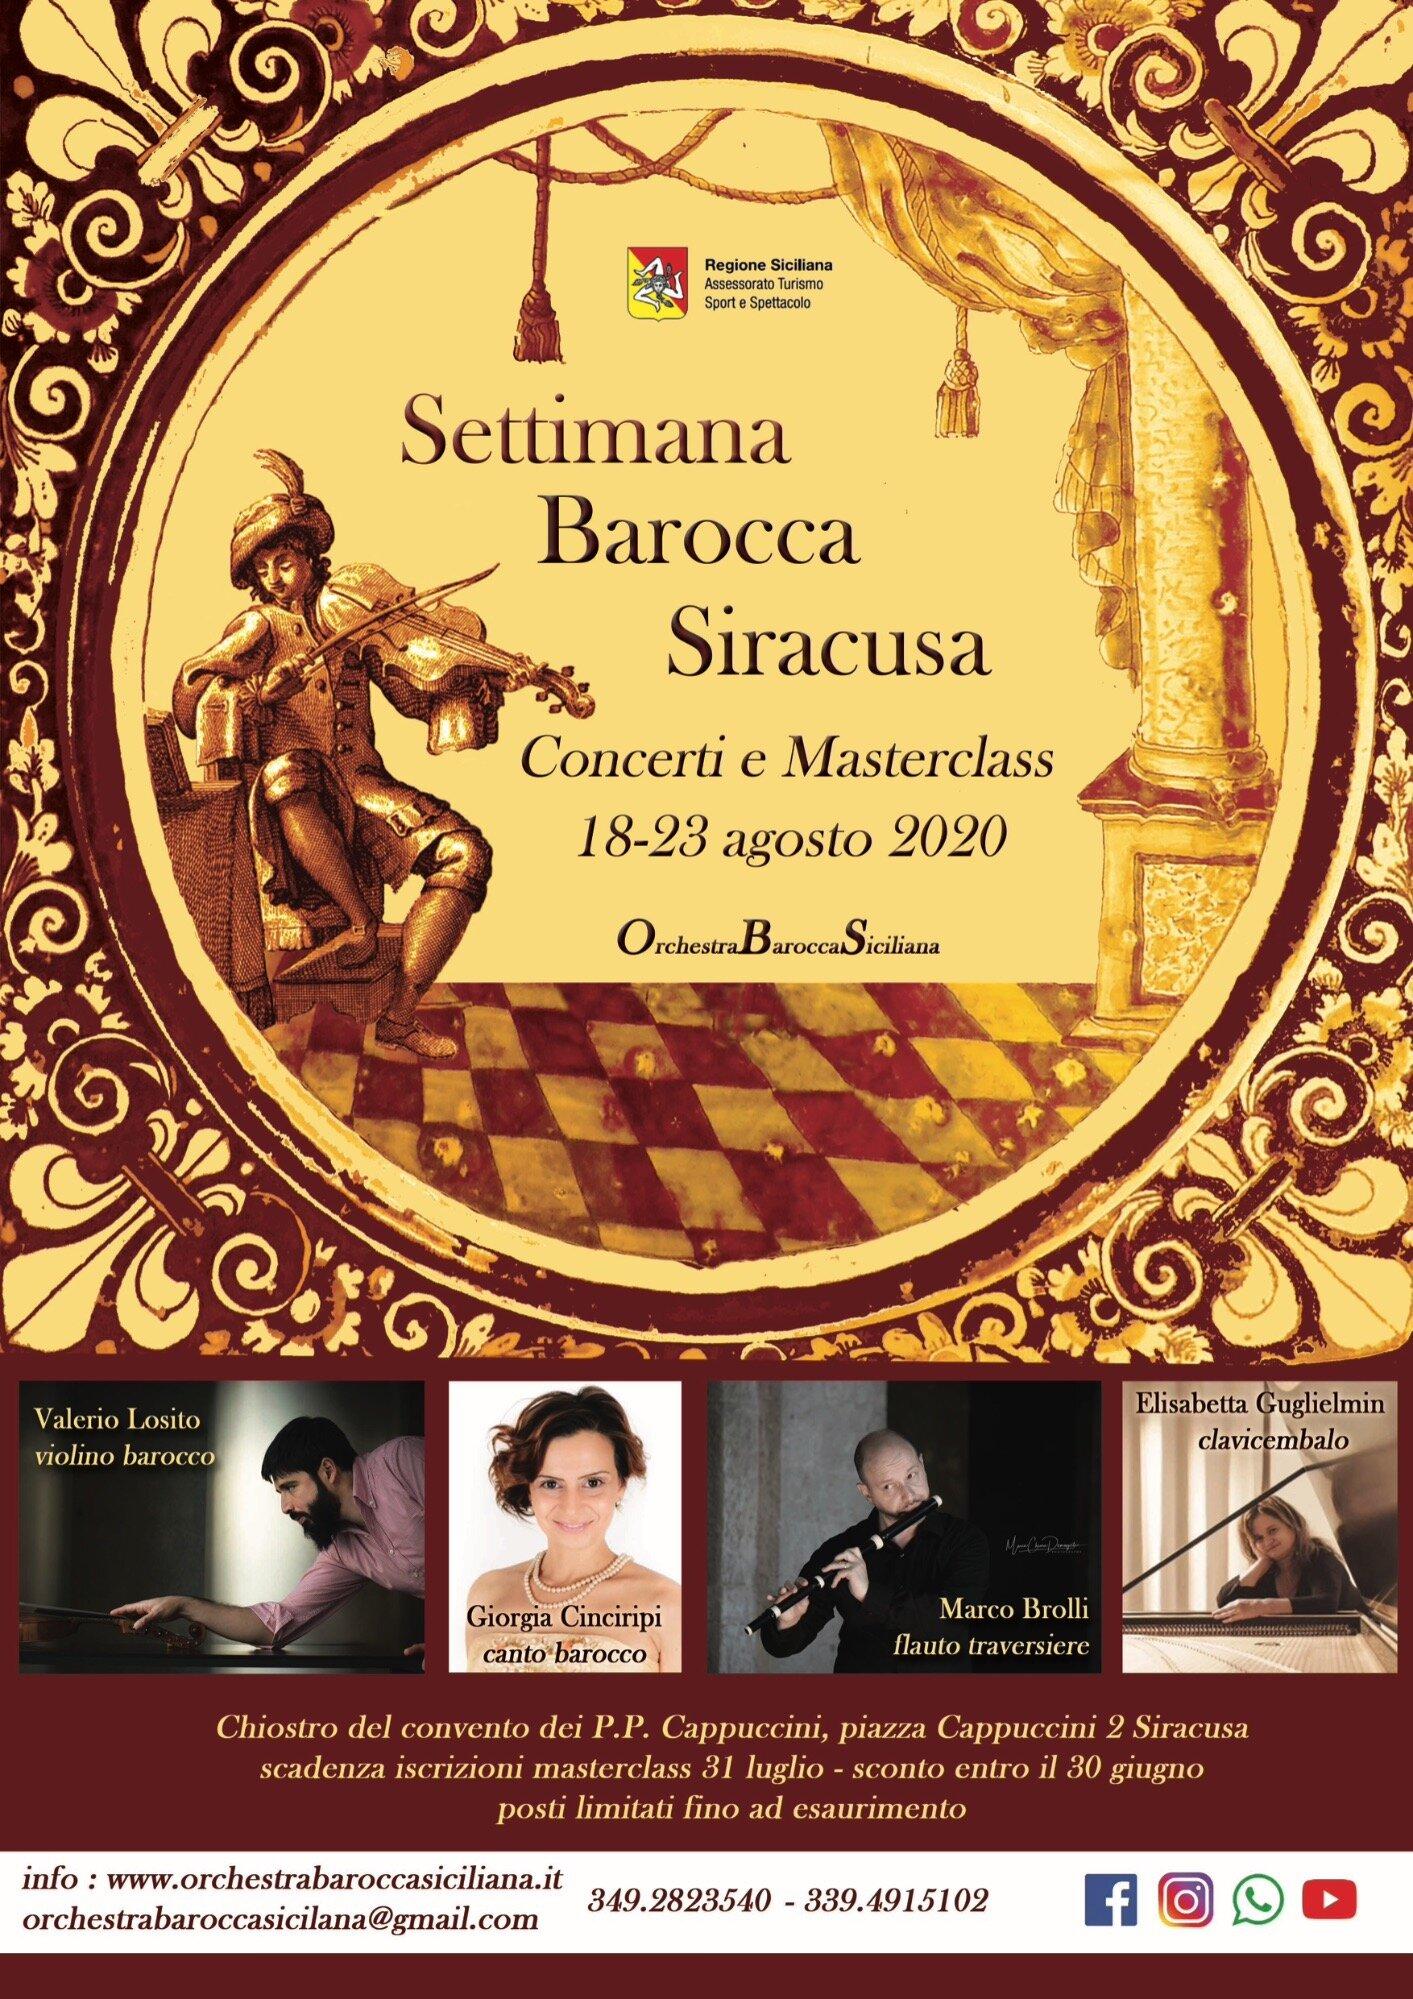 Settimana Barocca di Siracusa: al via il Festival dell'Orchestra Barocca Siciliana